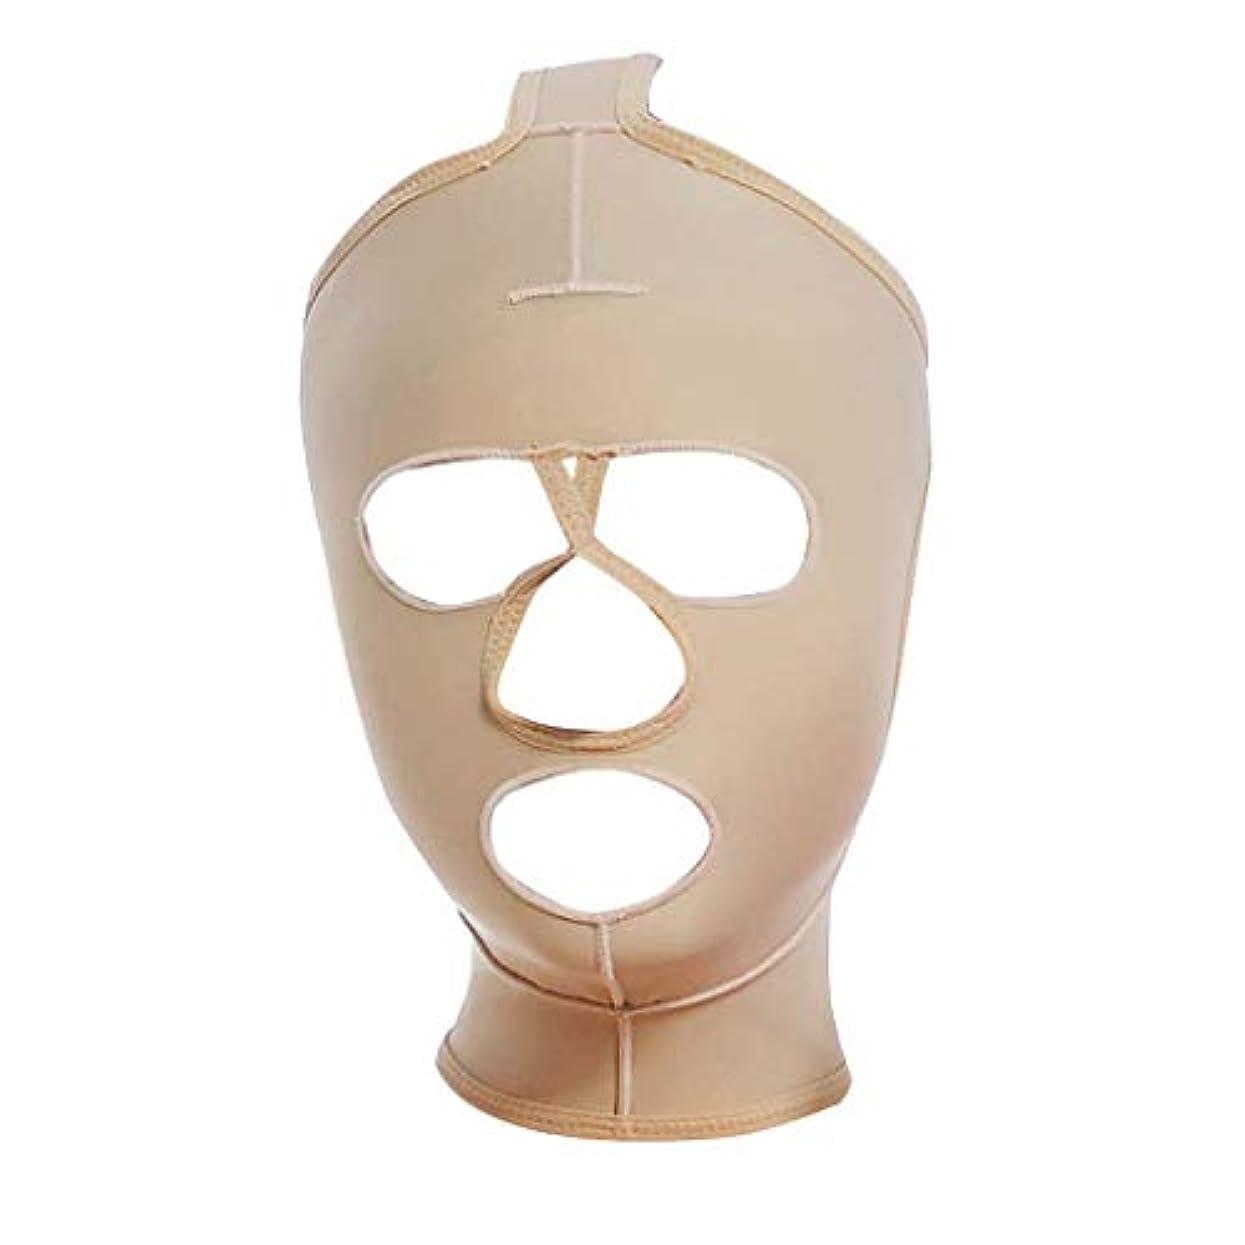 謝る実際エステートフェイス&ネックリフト、減量フェイスマスク脂肪吸引術脂肪吸引術整形マスクフードフェイスリフティングアーティファクトVフェイスビームフェイス弾性スリーブ(サイズ:XXL),S